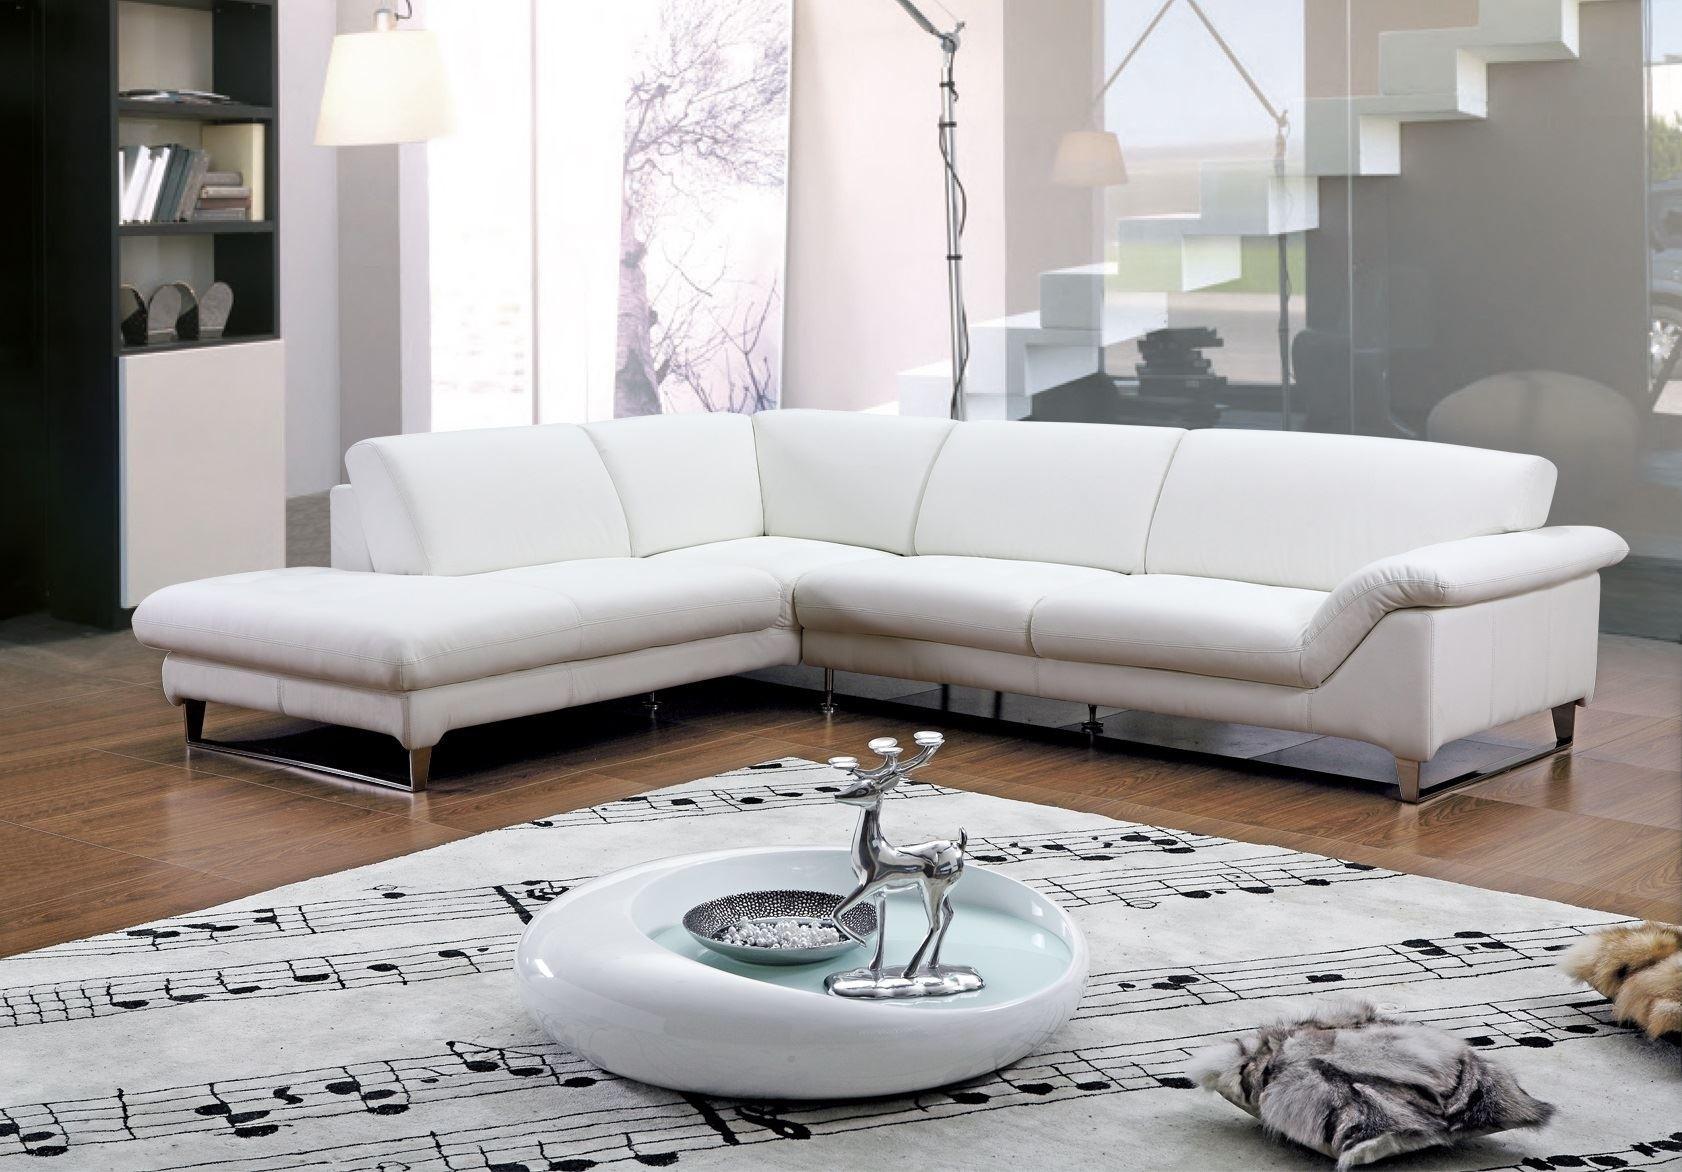 Leren Bank Wit.Witte Lederen Sofa 59 Foto S Hoekbank Met Poten Van Eco Leer Of